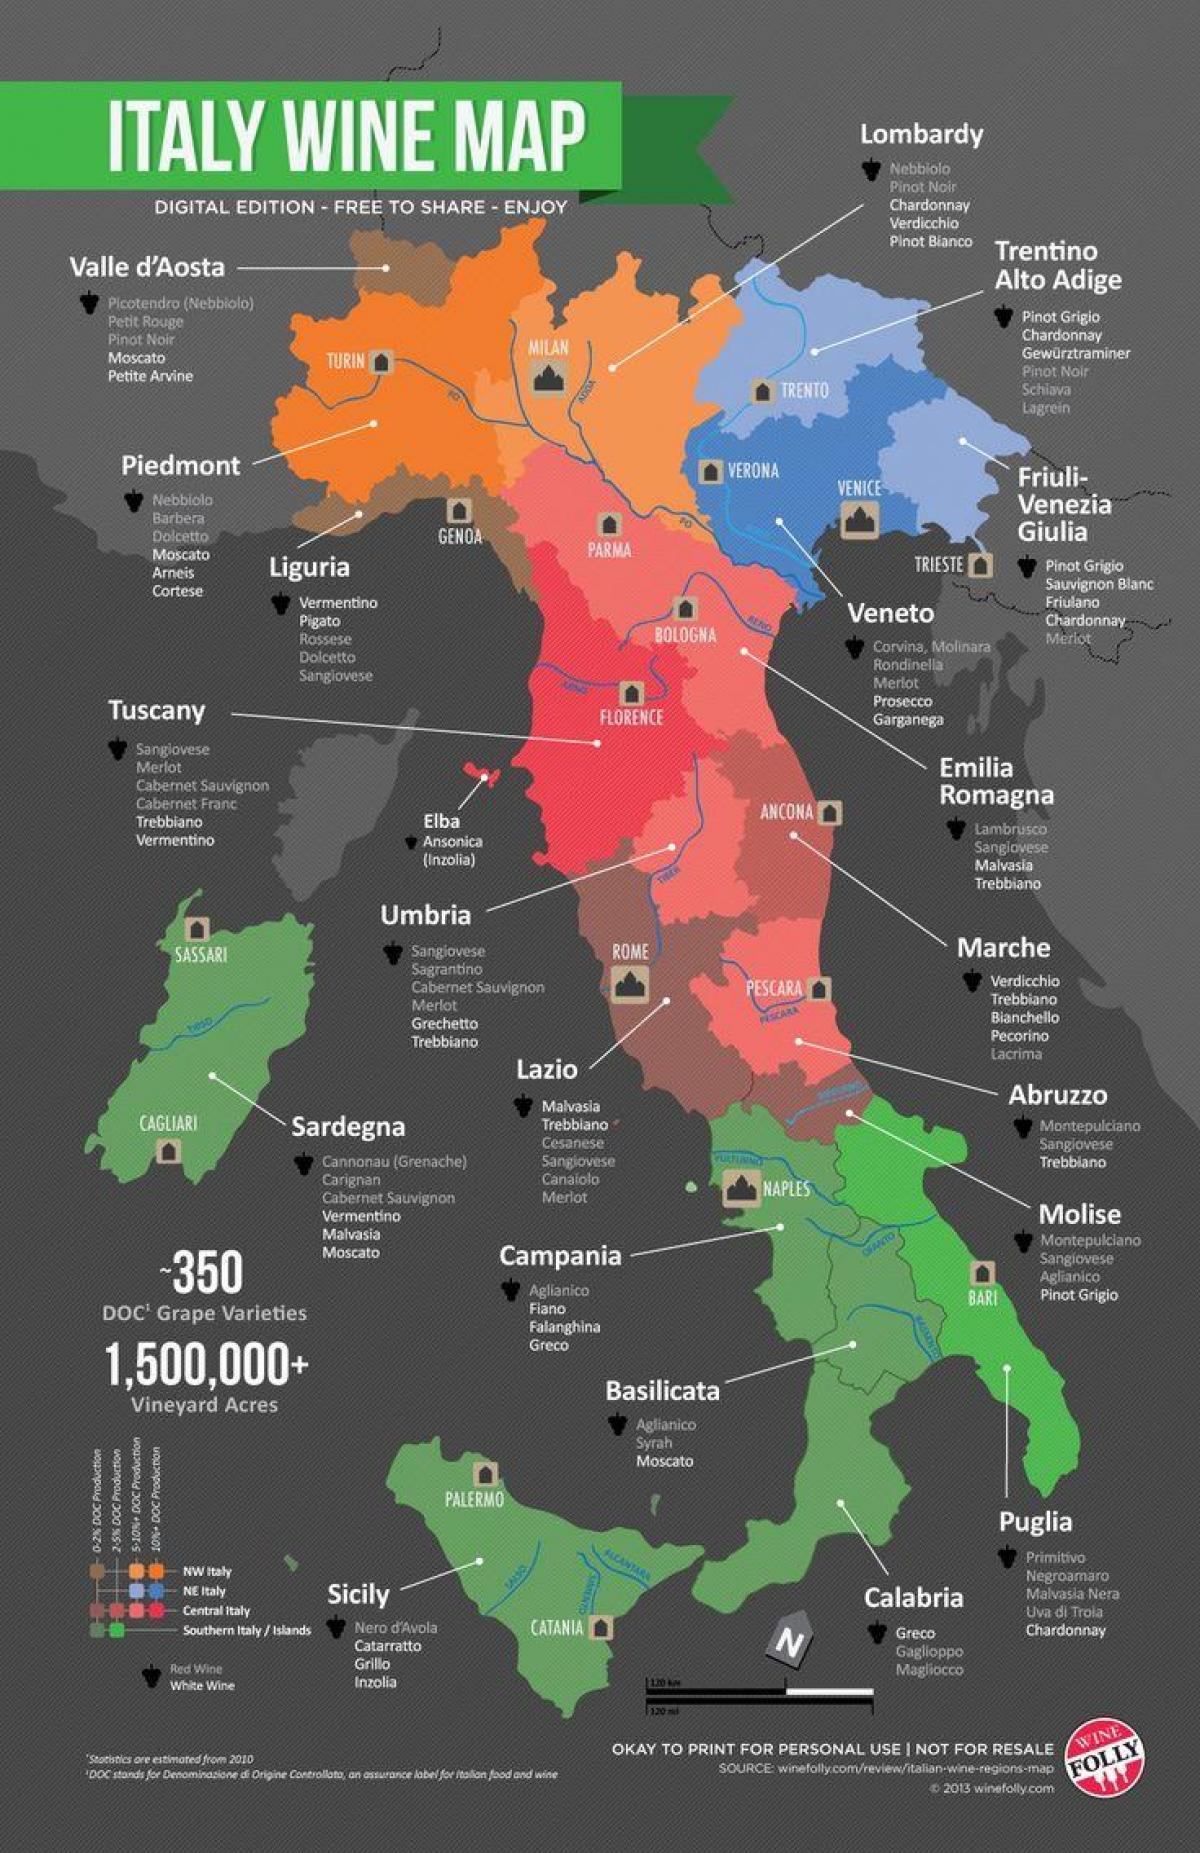 Italien Vin Land Kort Vin Land I Italien Kort Det Sydlige